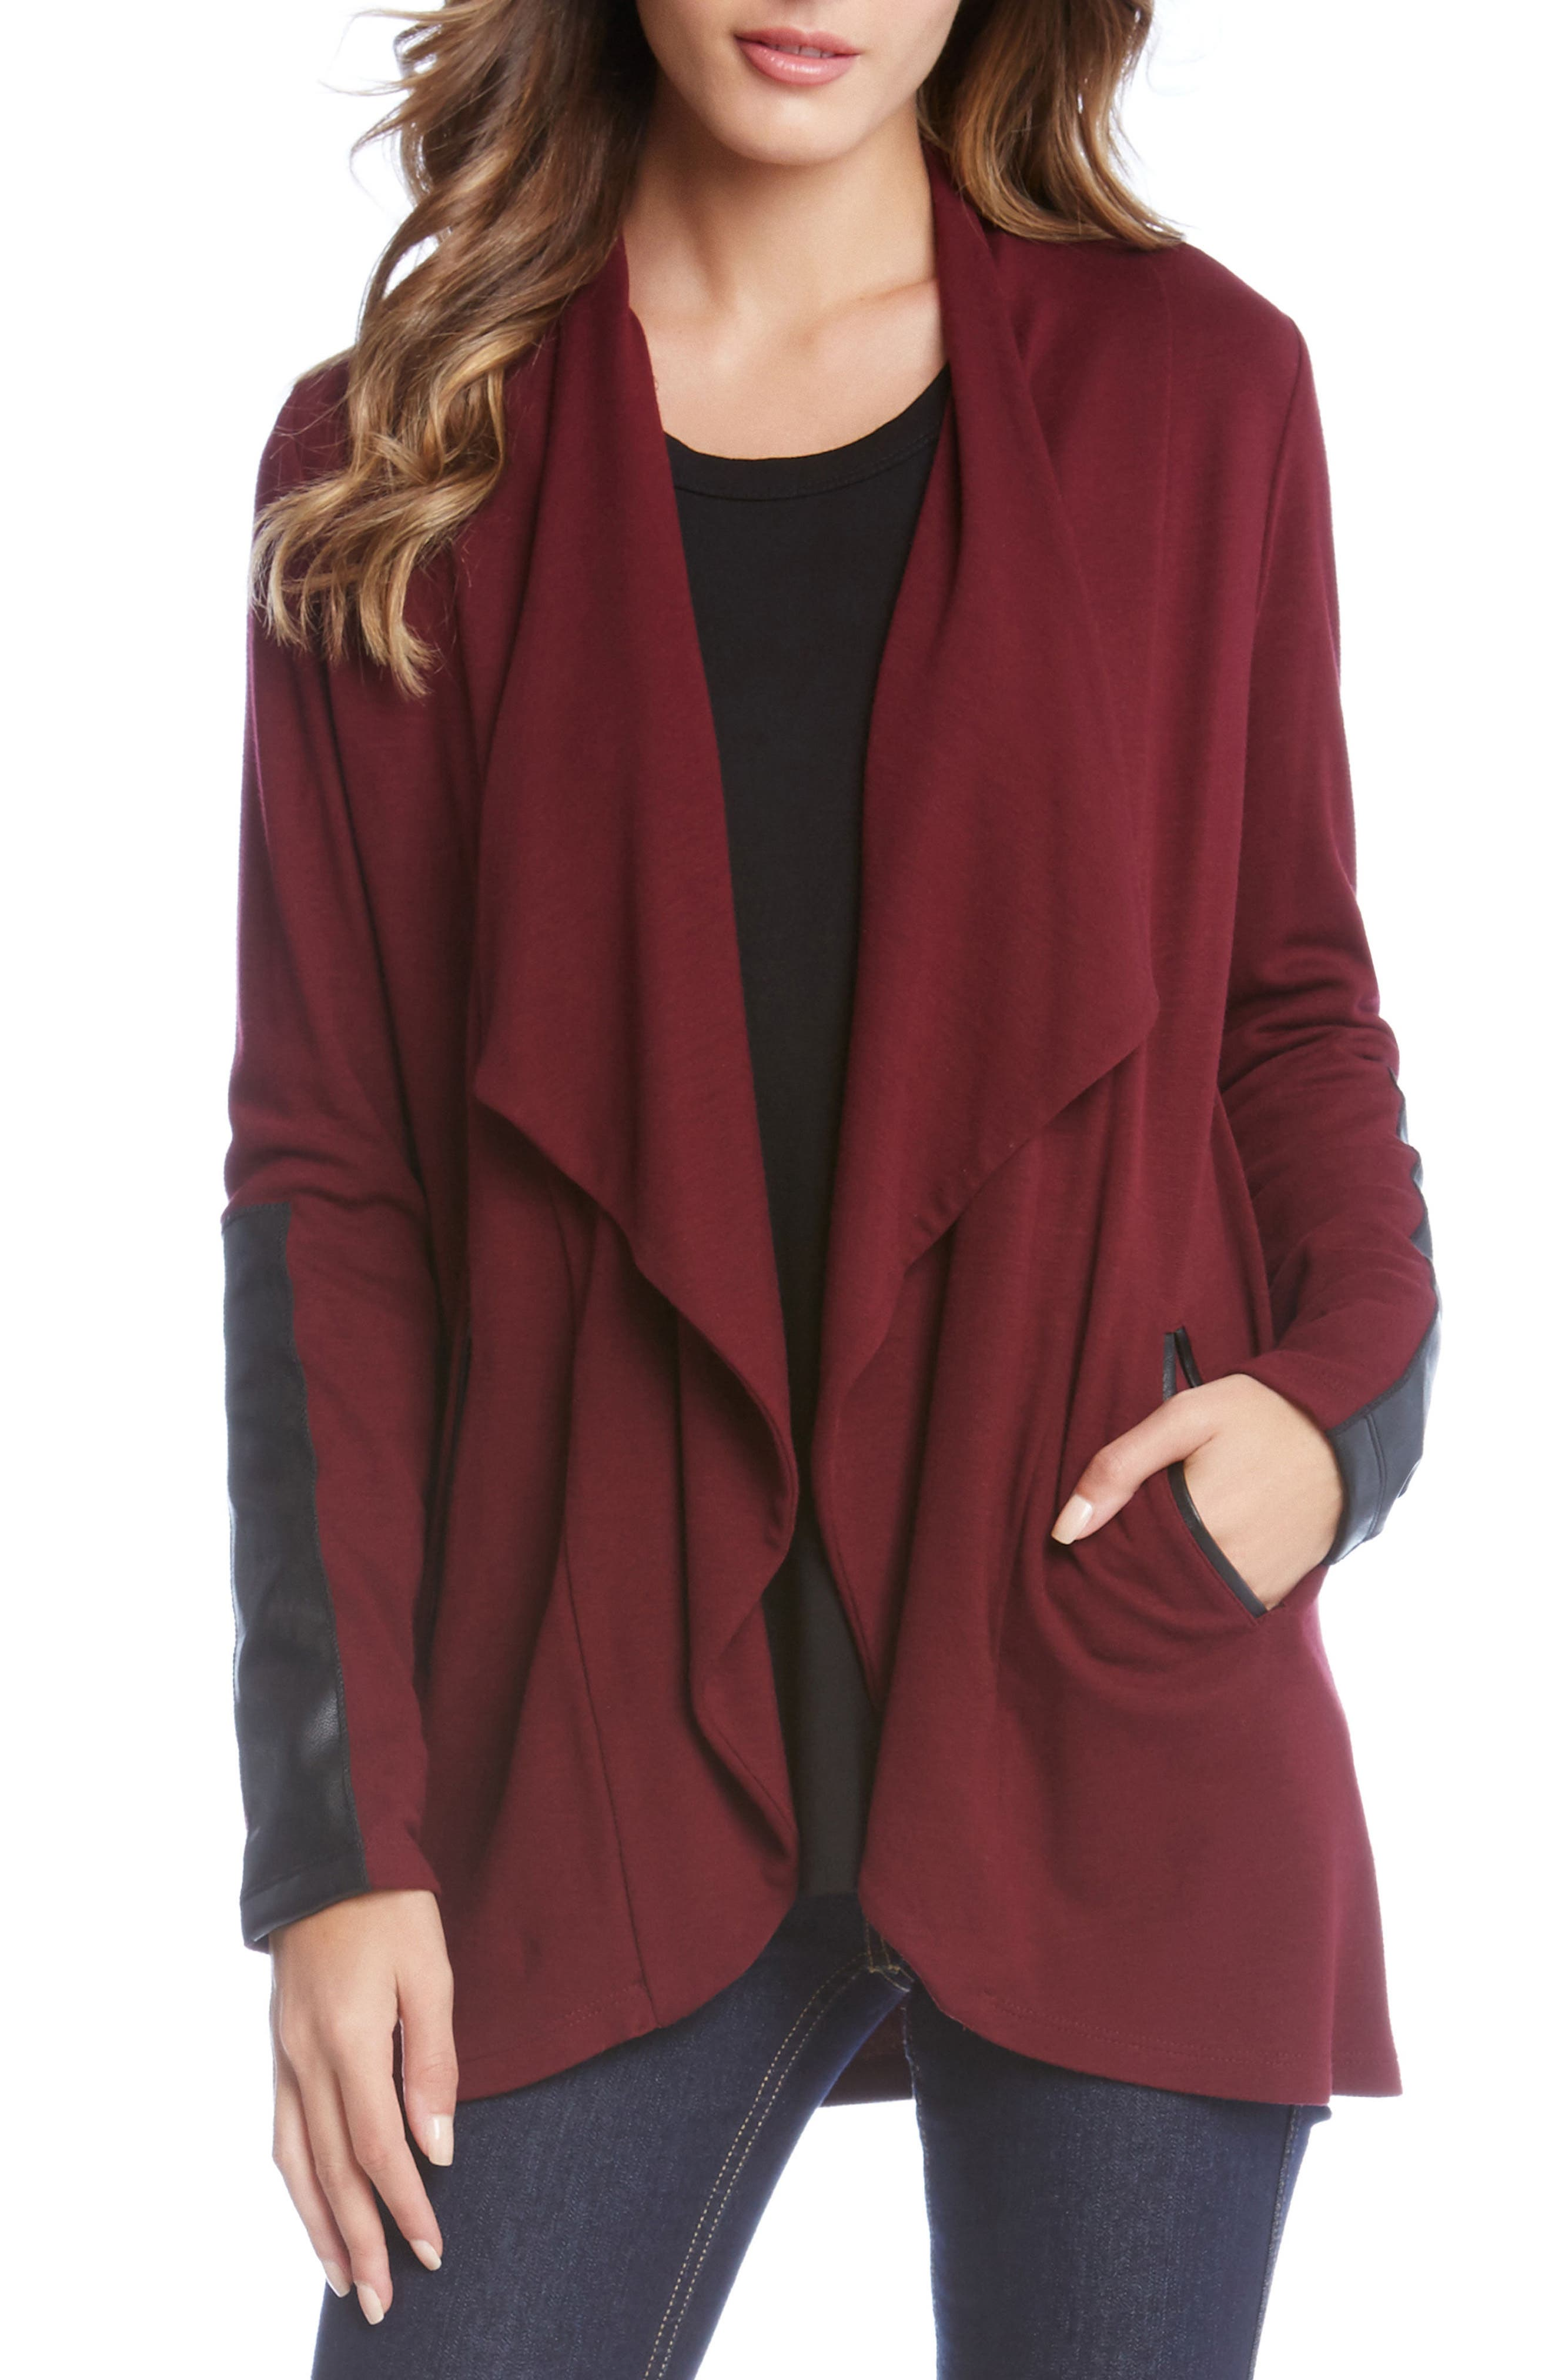 Main Image - Karen Kane Faux Leather Detail Jacket